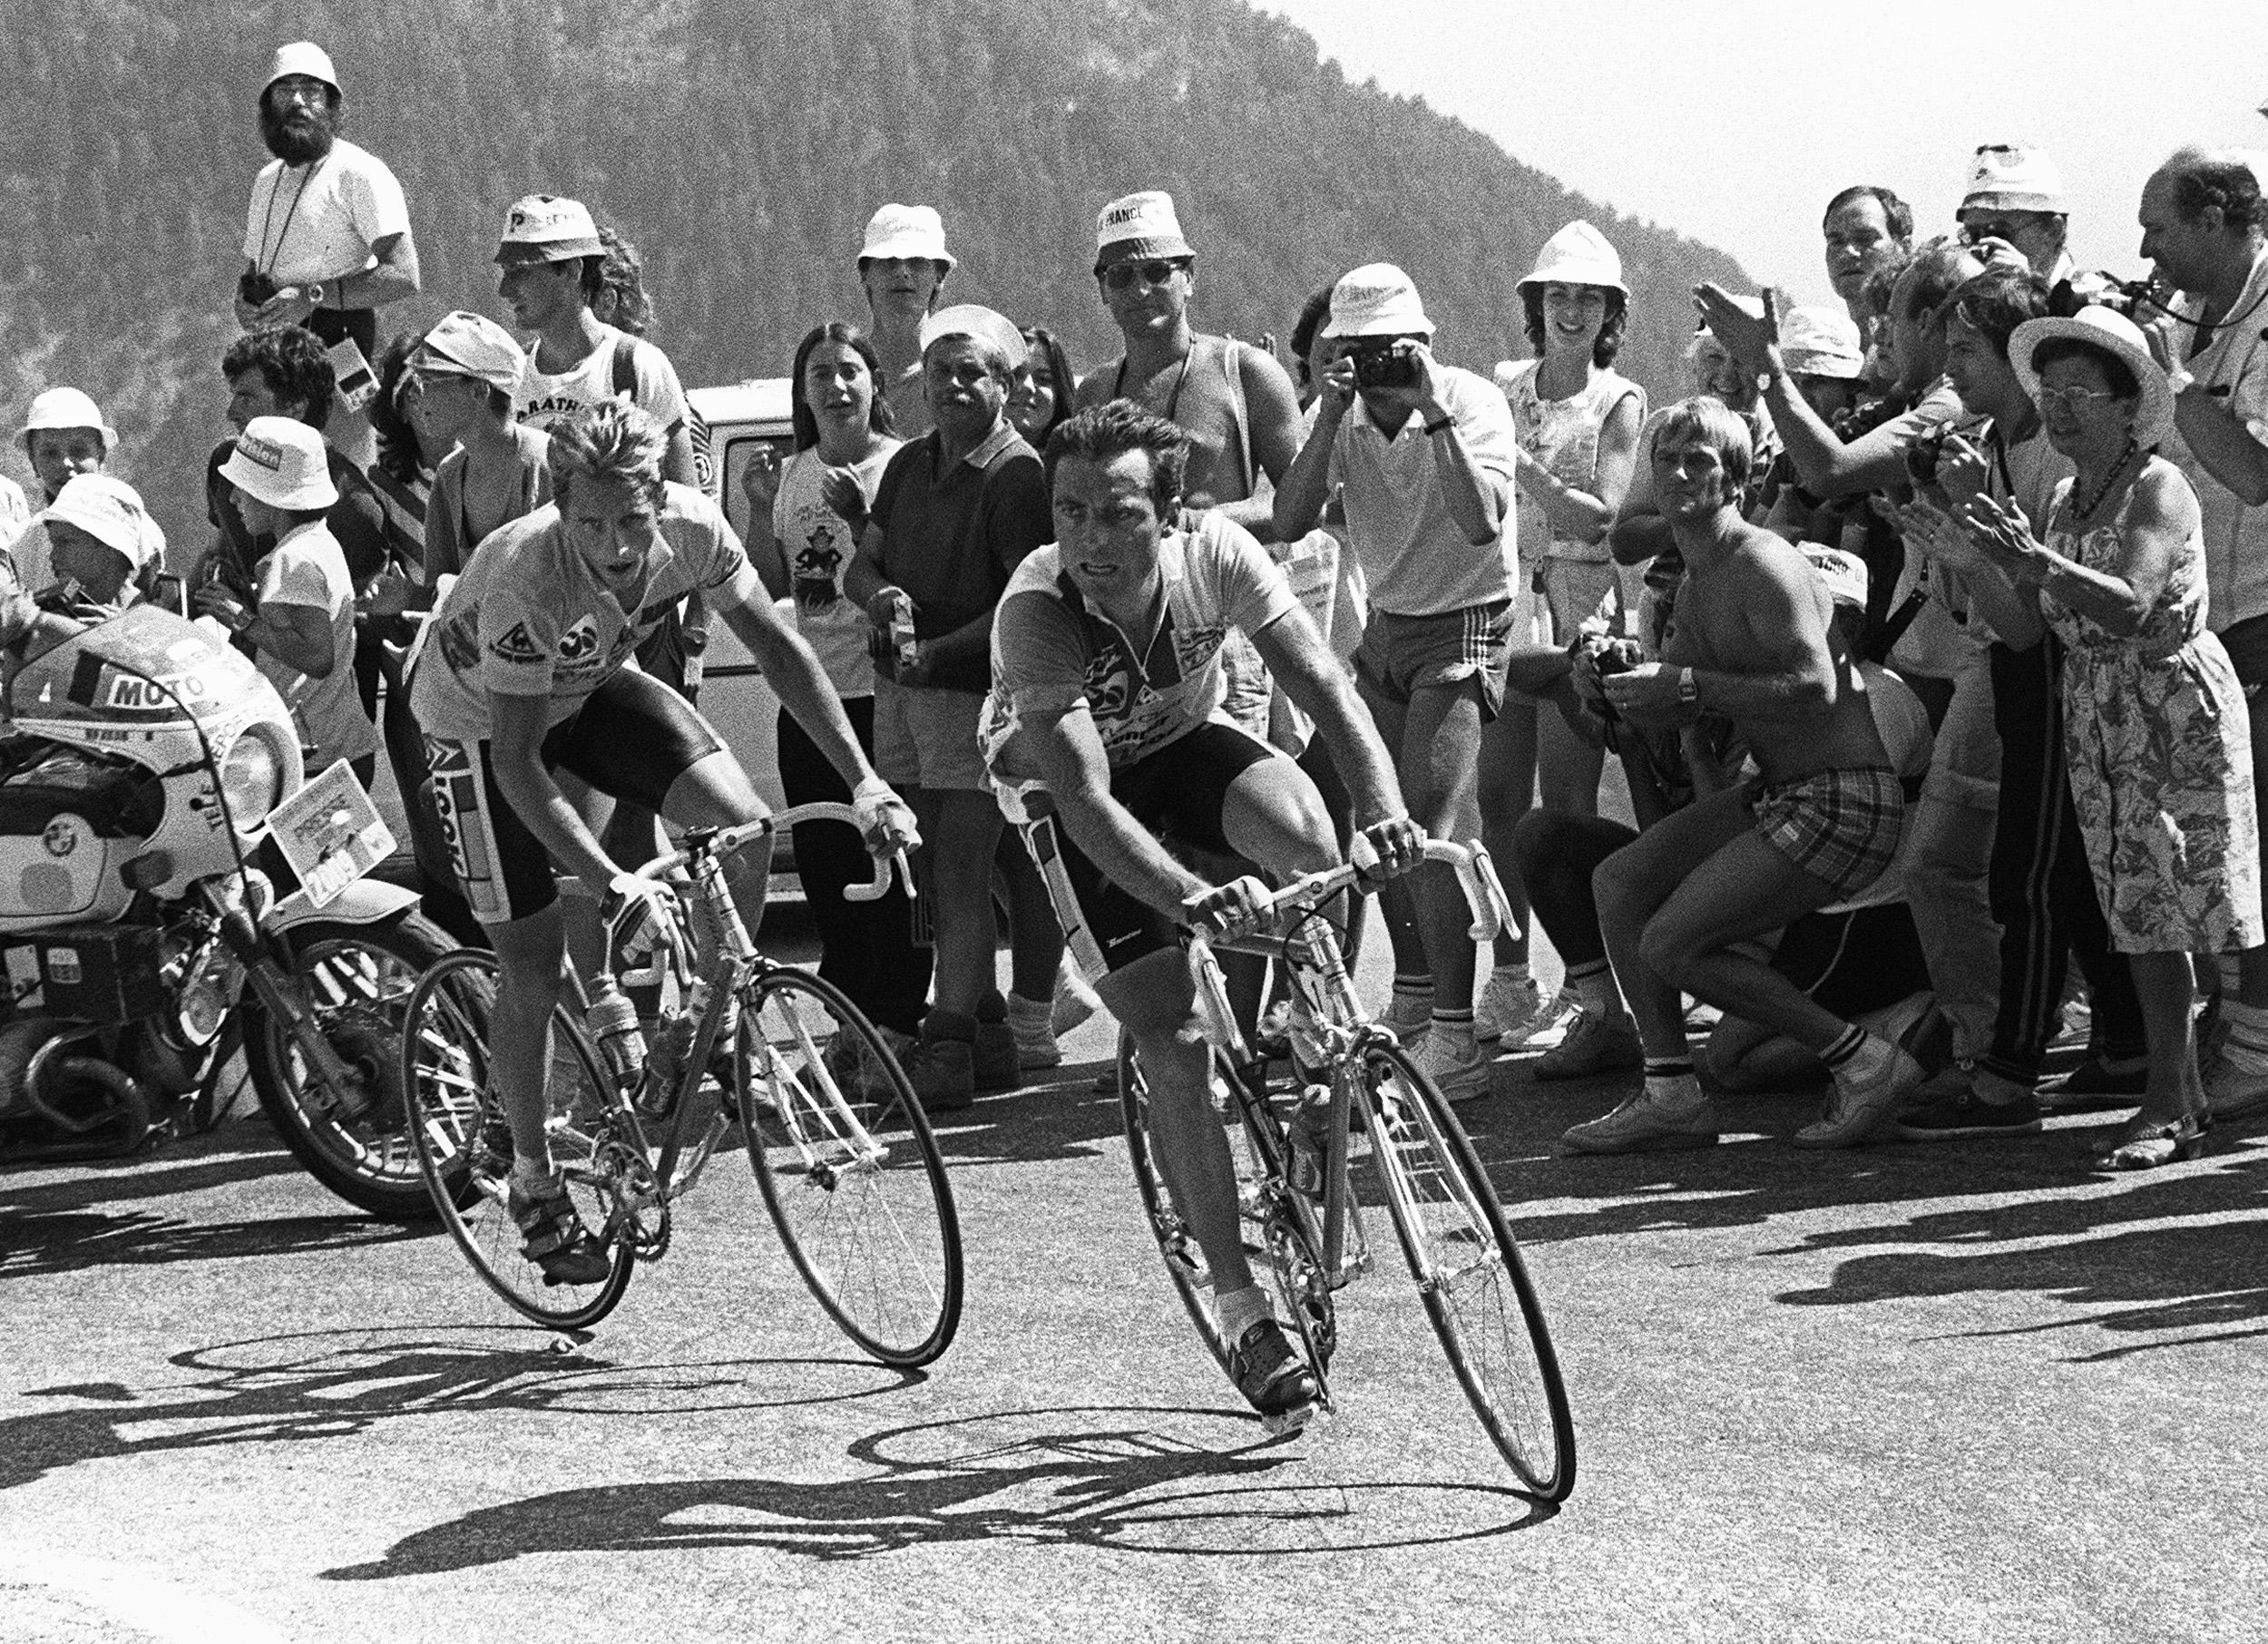 Greg LeMond en Bernard Hinault op de Alpe d'Huez tijdens de Tour van 1986